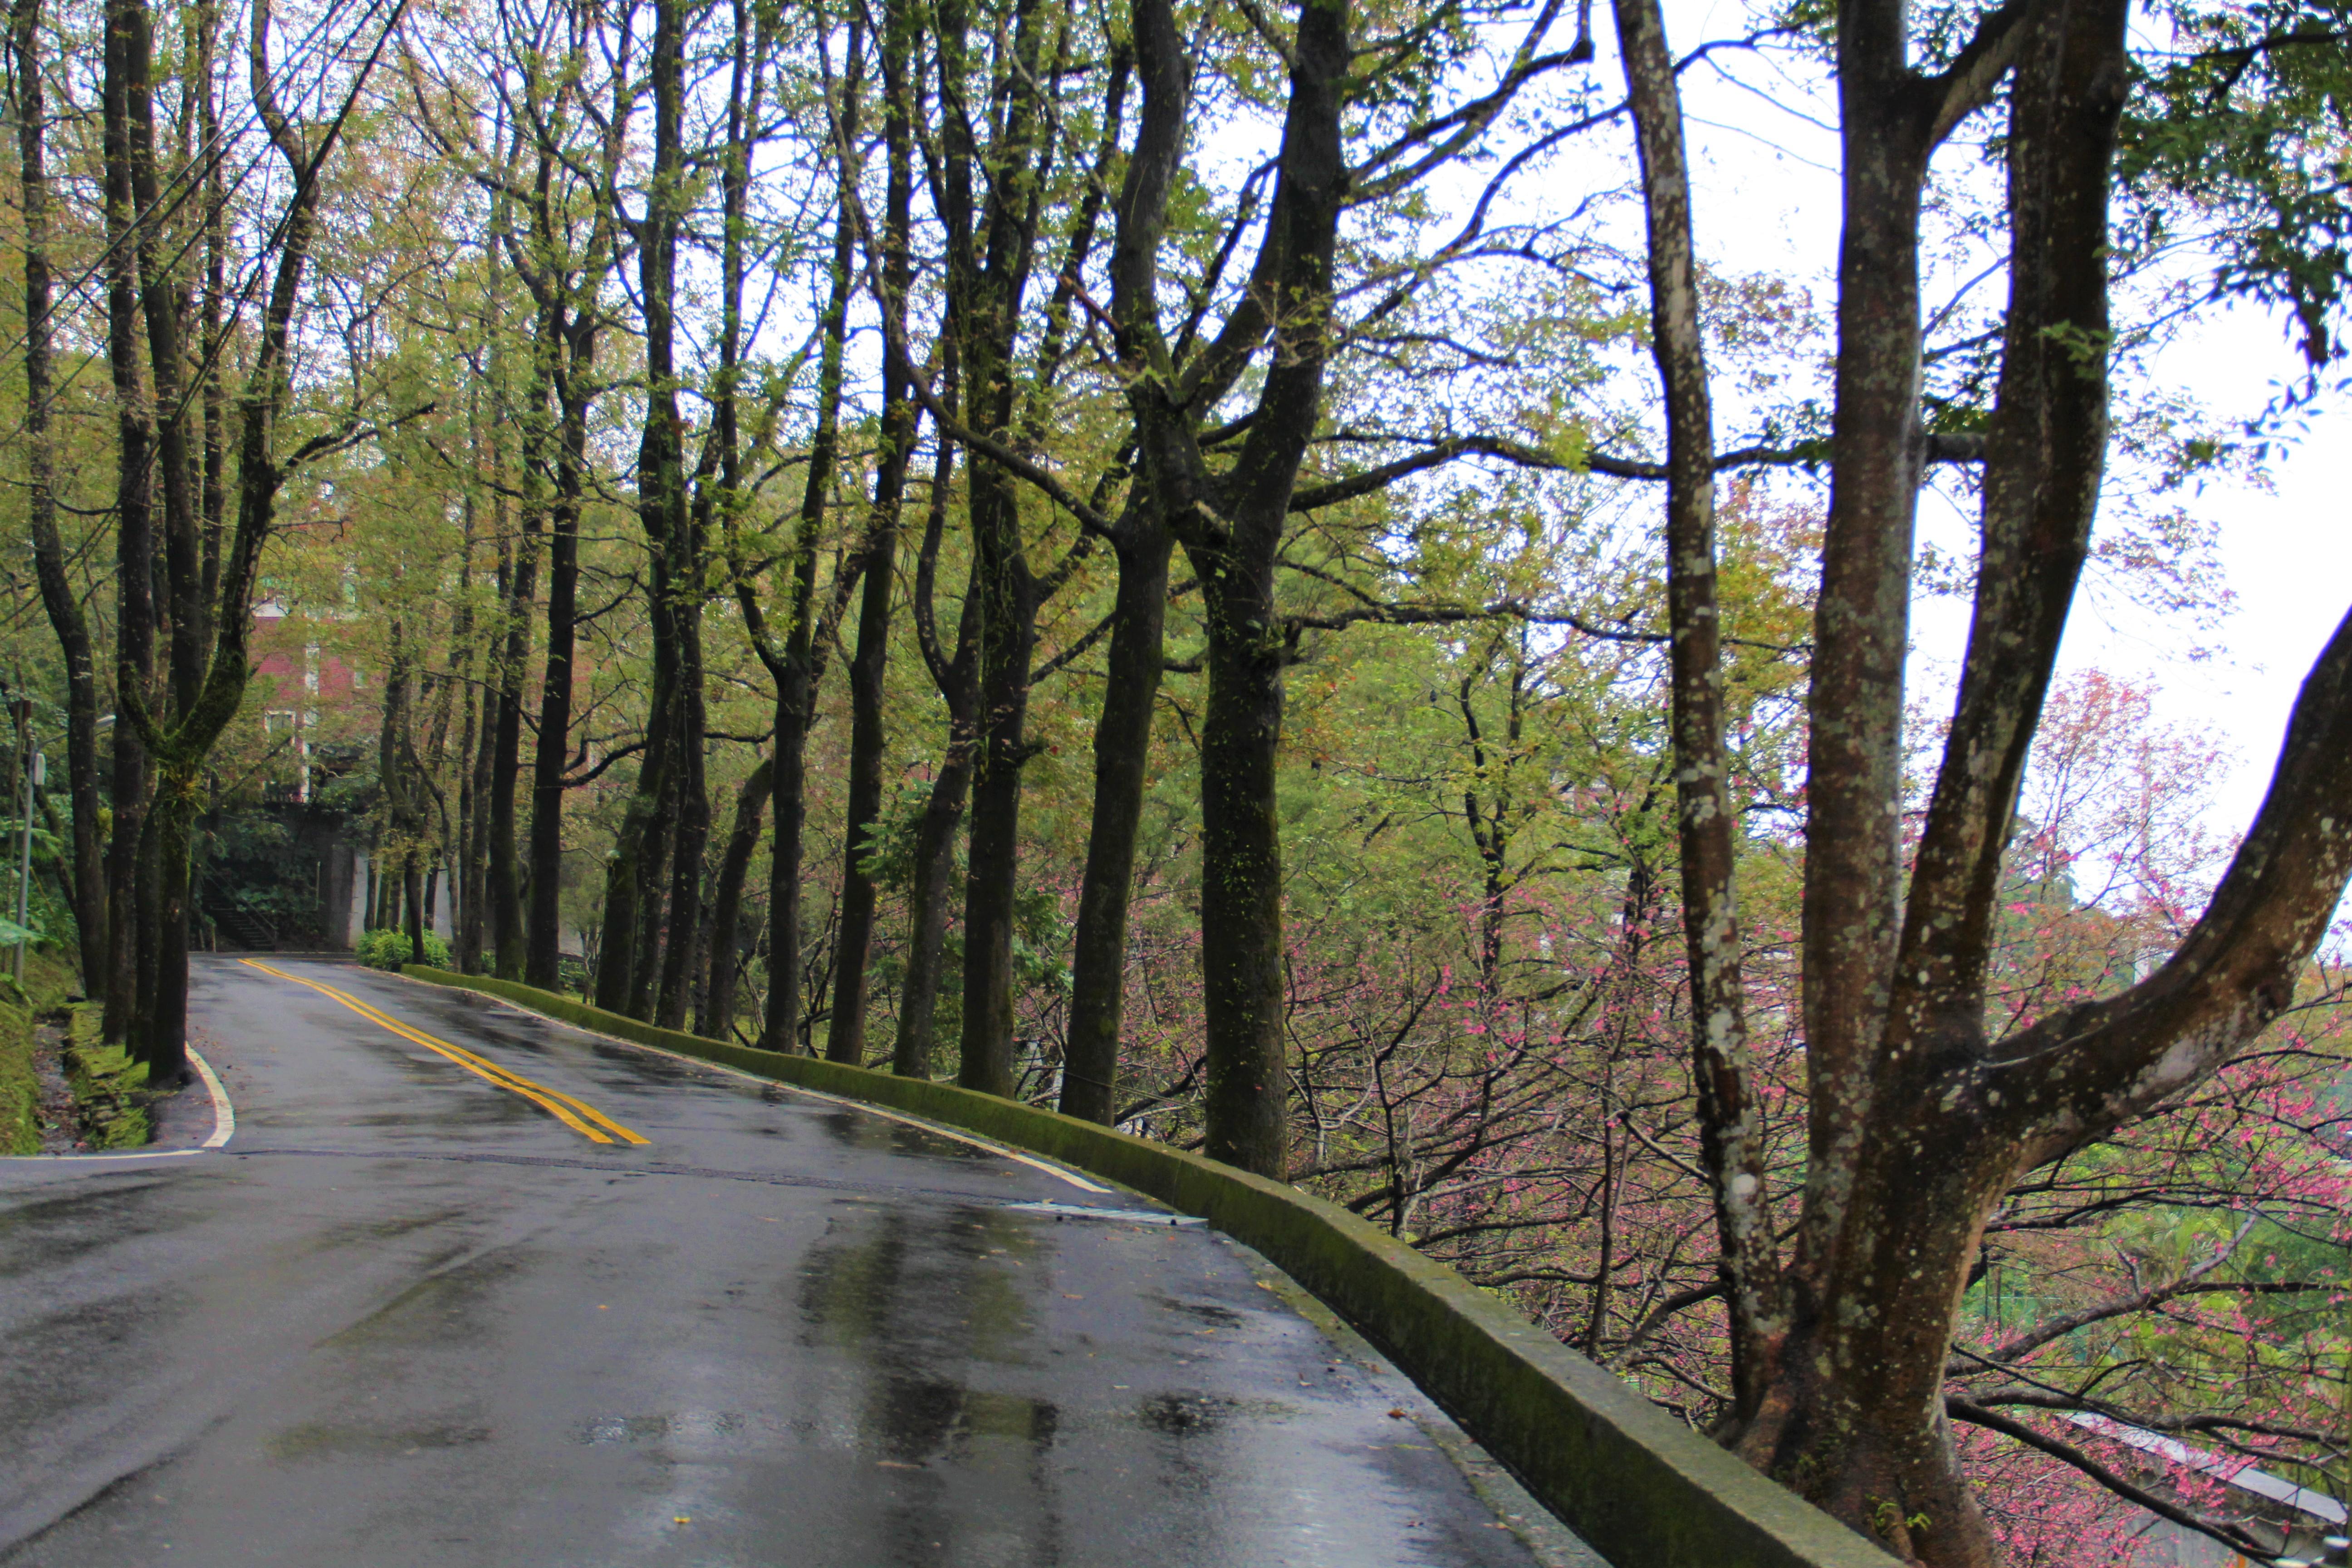 今年櫻花季雖碰上連日多雨,不過即將到來的油桐花季仍然相當值得期待。 攝影/蘇媚